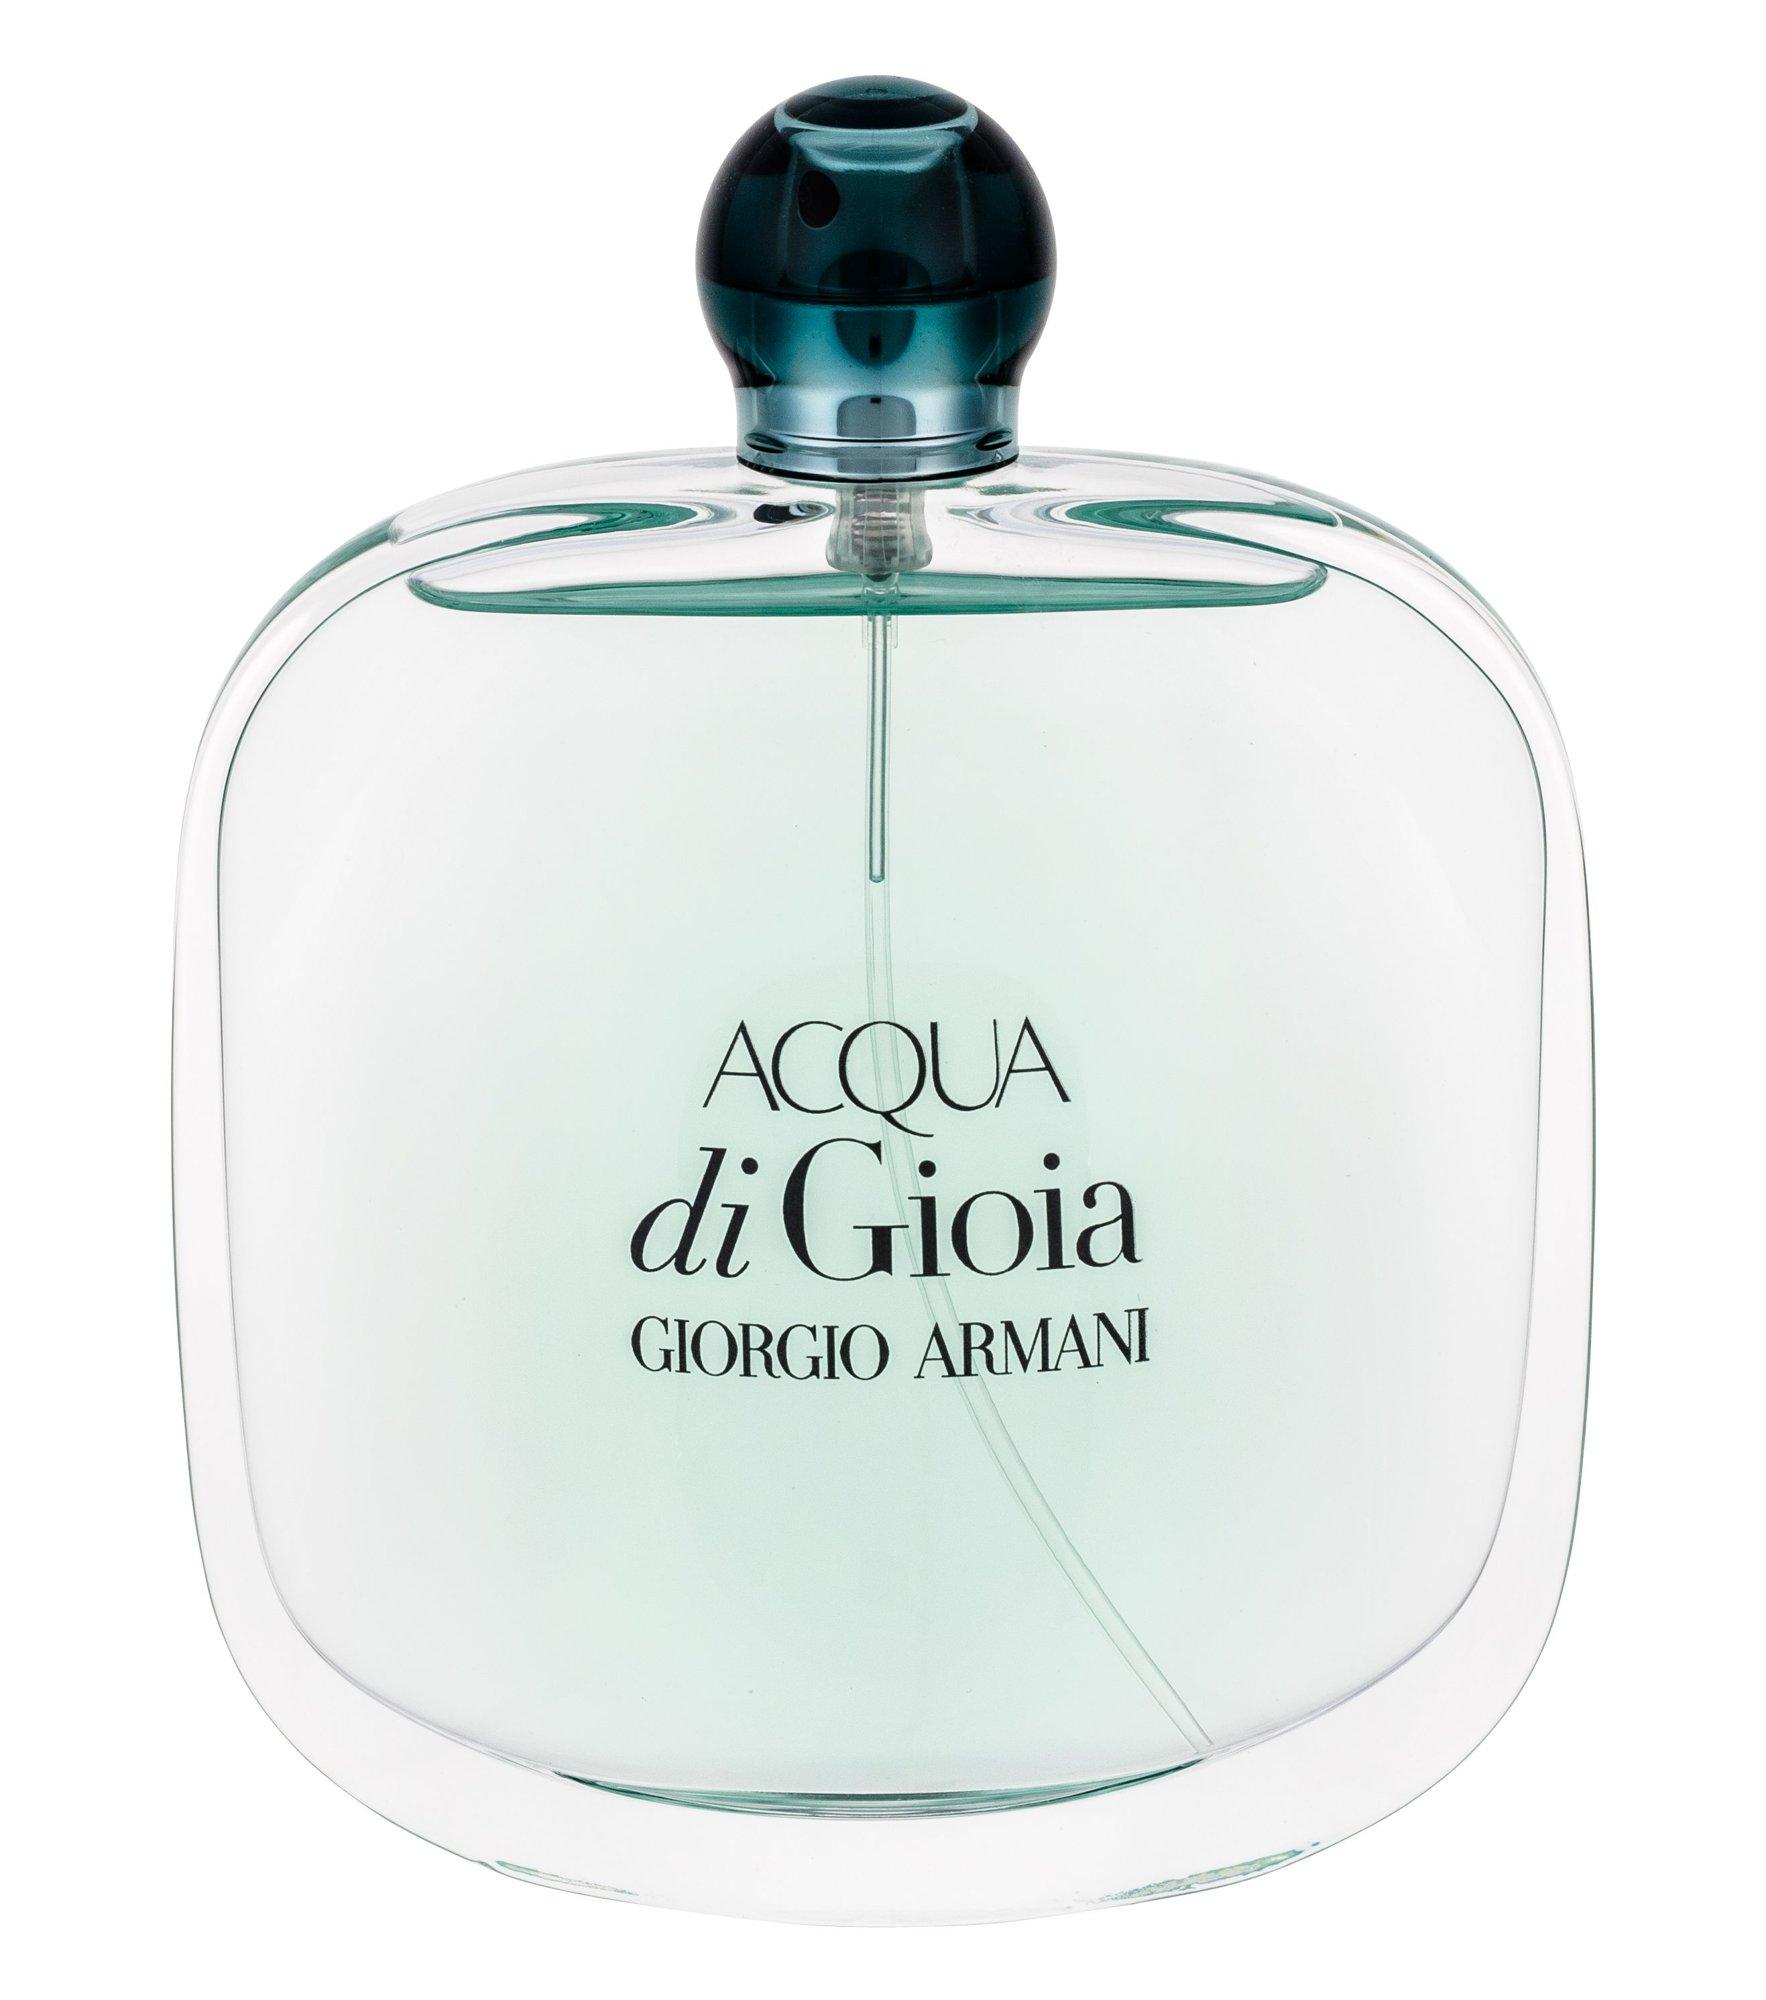 Giorgio Armani Acqua di Gioia EDP 150ml